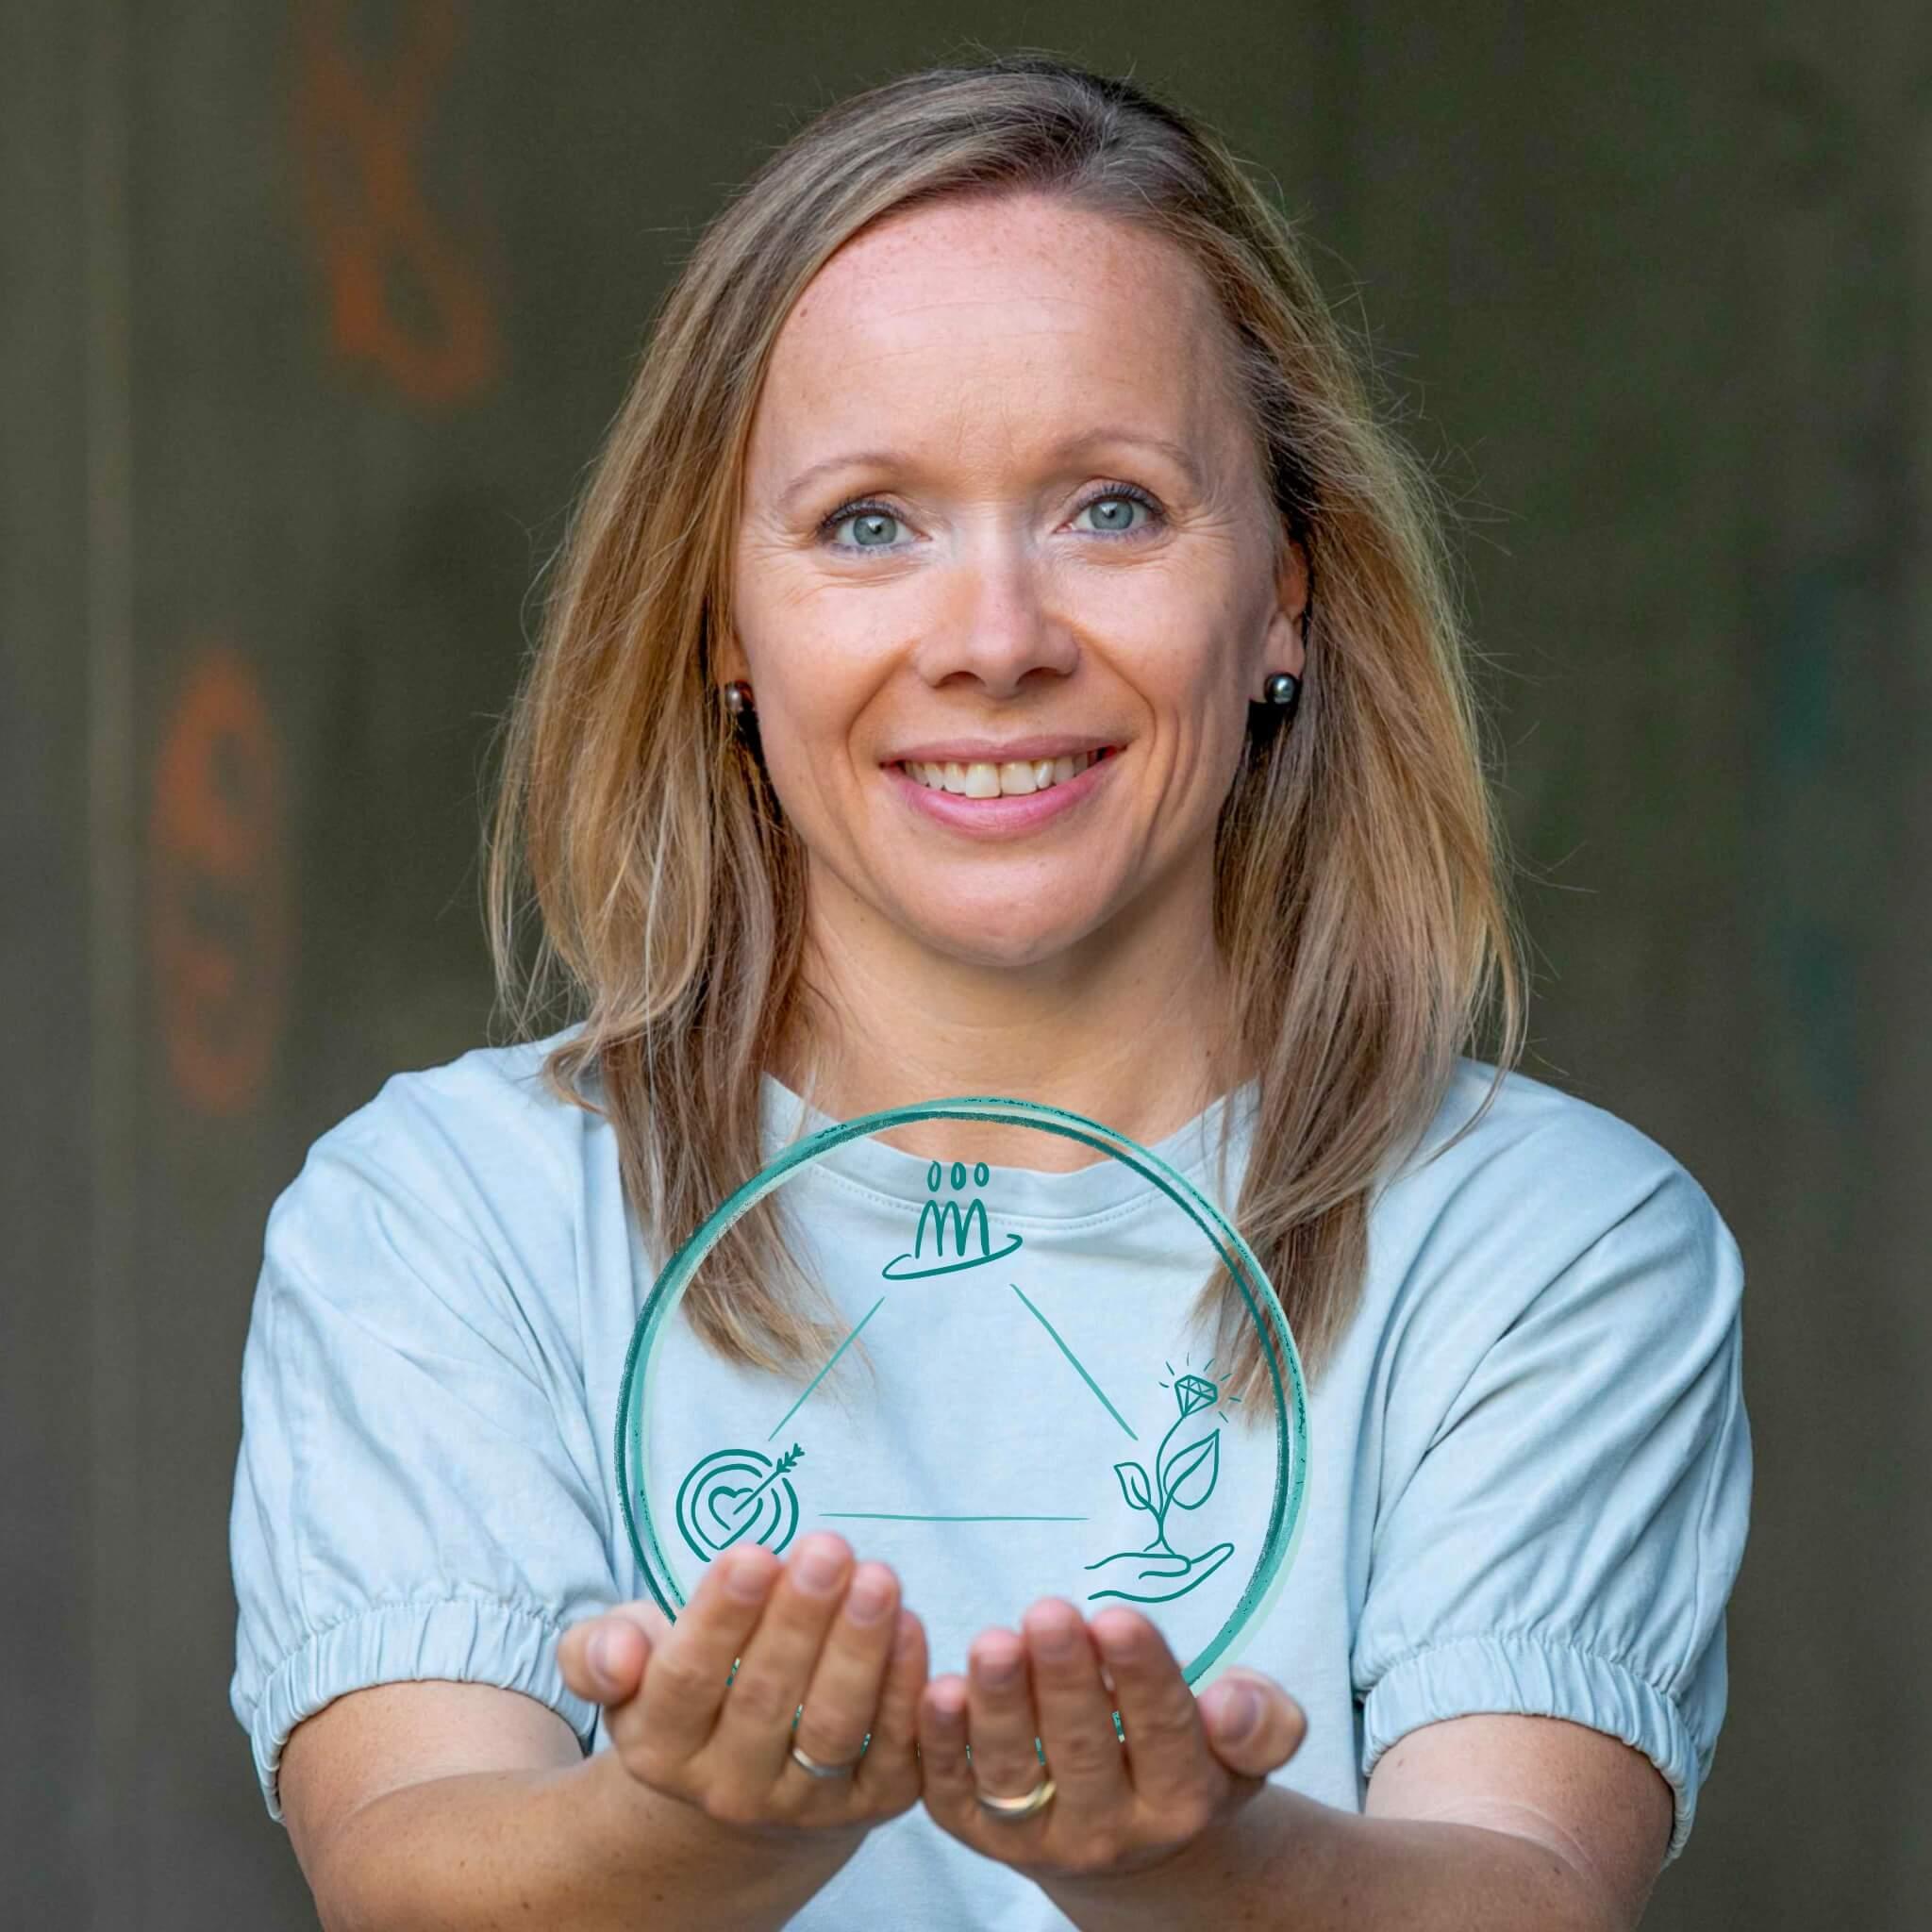 Karoline Hanelt - Mein Ansatz (1)